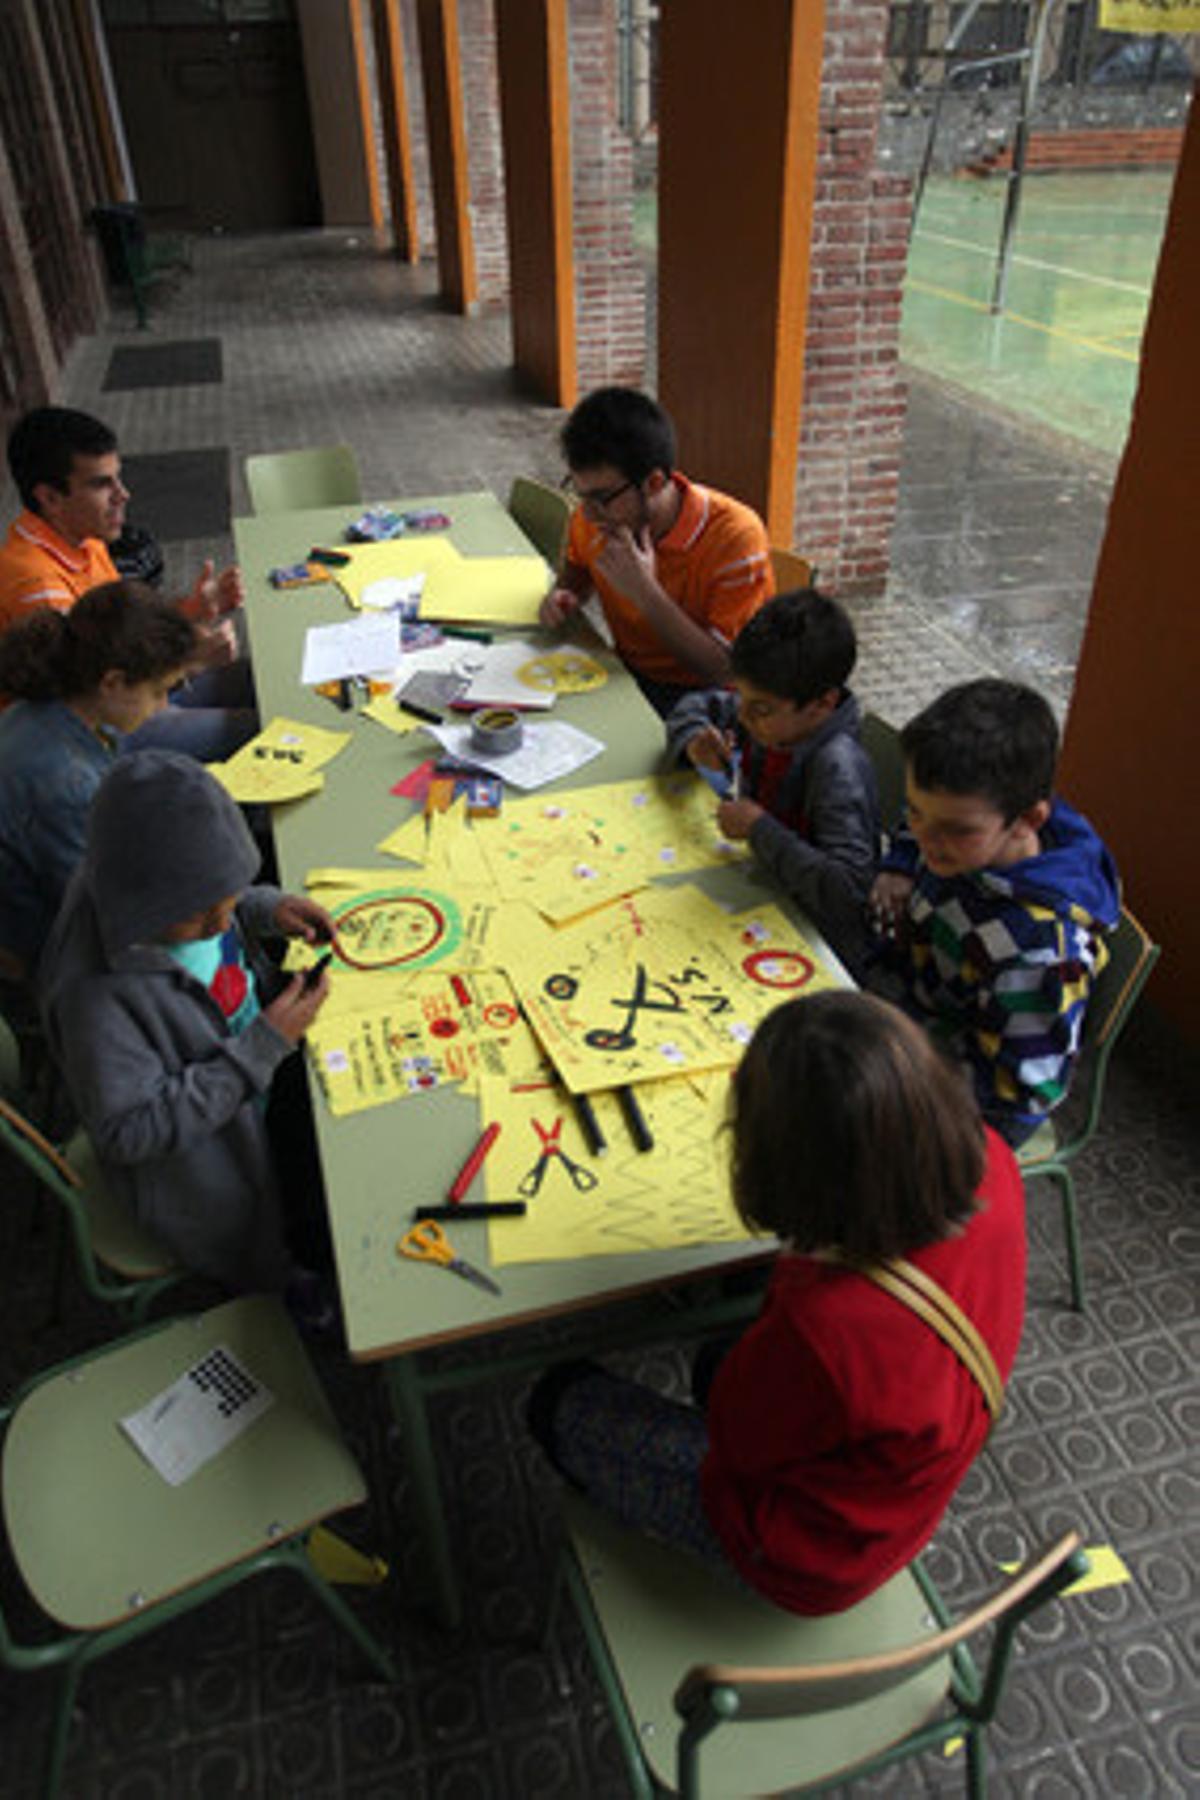 Un grupo de niños realiza trabajos manuales durante el encierro en el colegio La Sedeta, ayer en Barcelona.